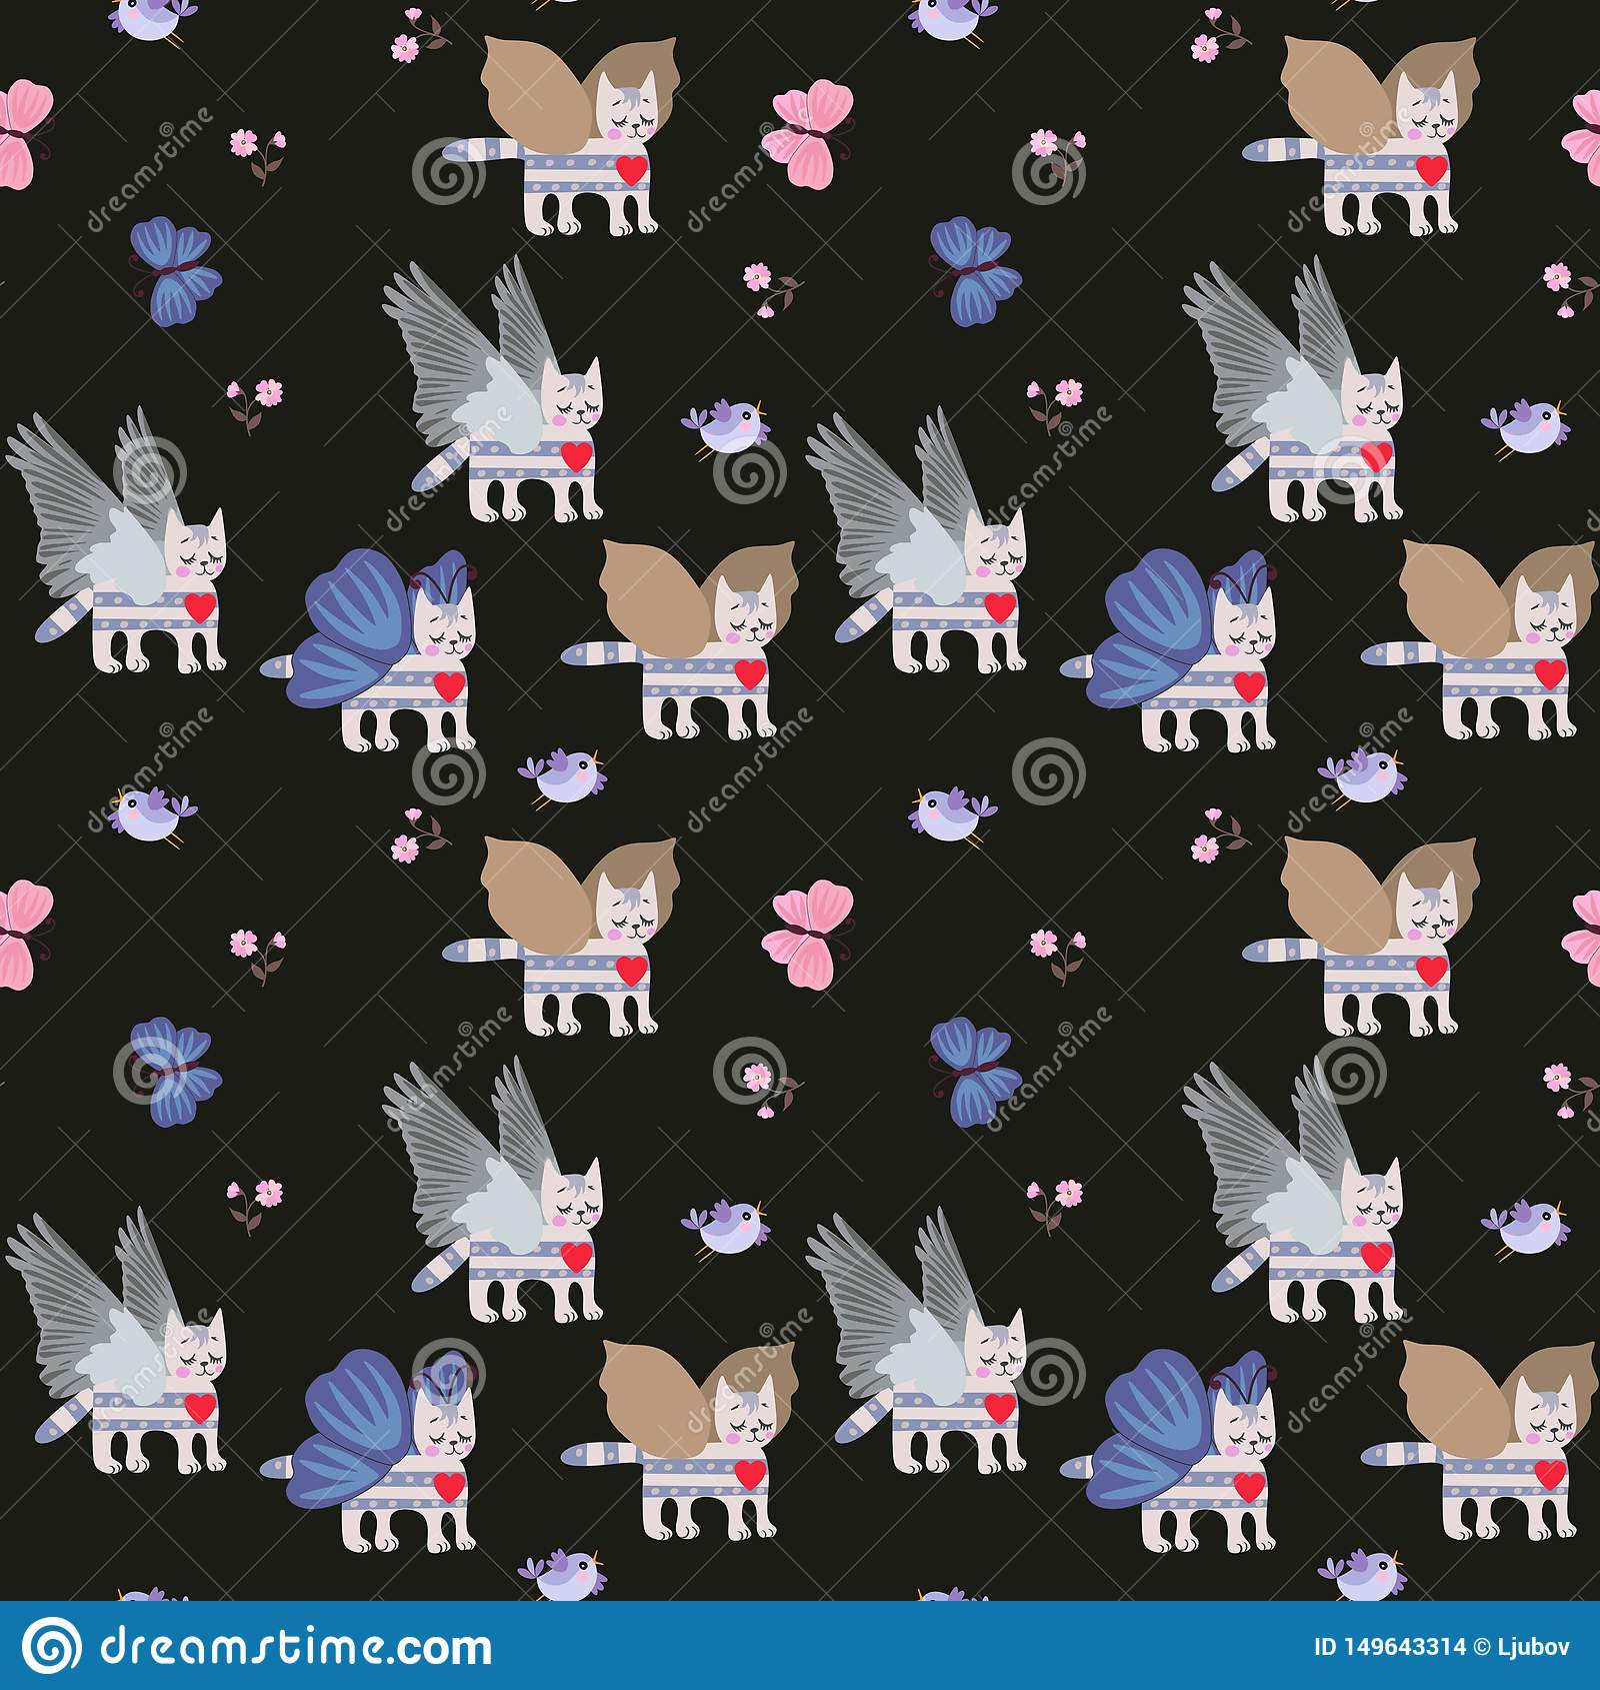 Gevleugelde gestreepte katkatjes, kleine bloemen en blauwe vlinders op zwart naadloos patroon als achtergrond voor kinderen